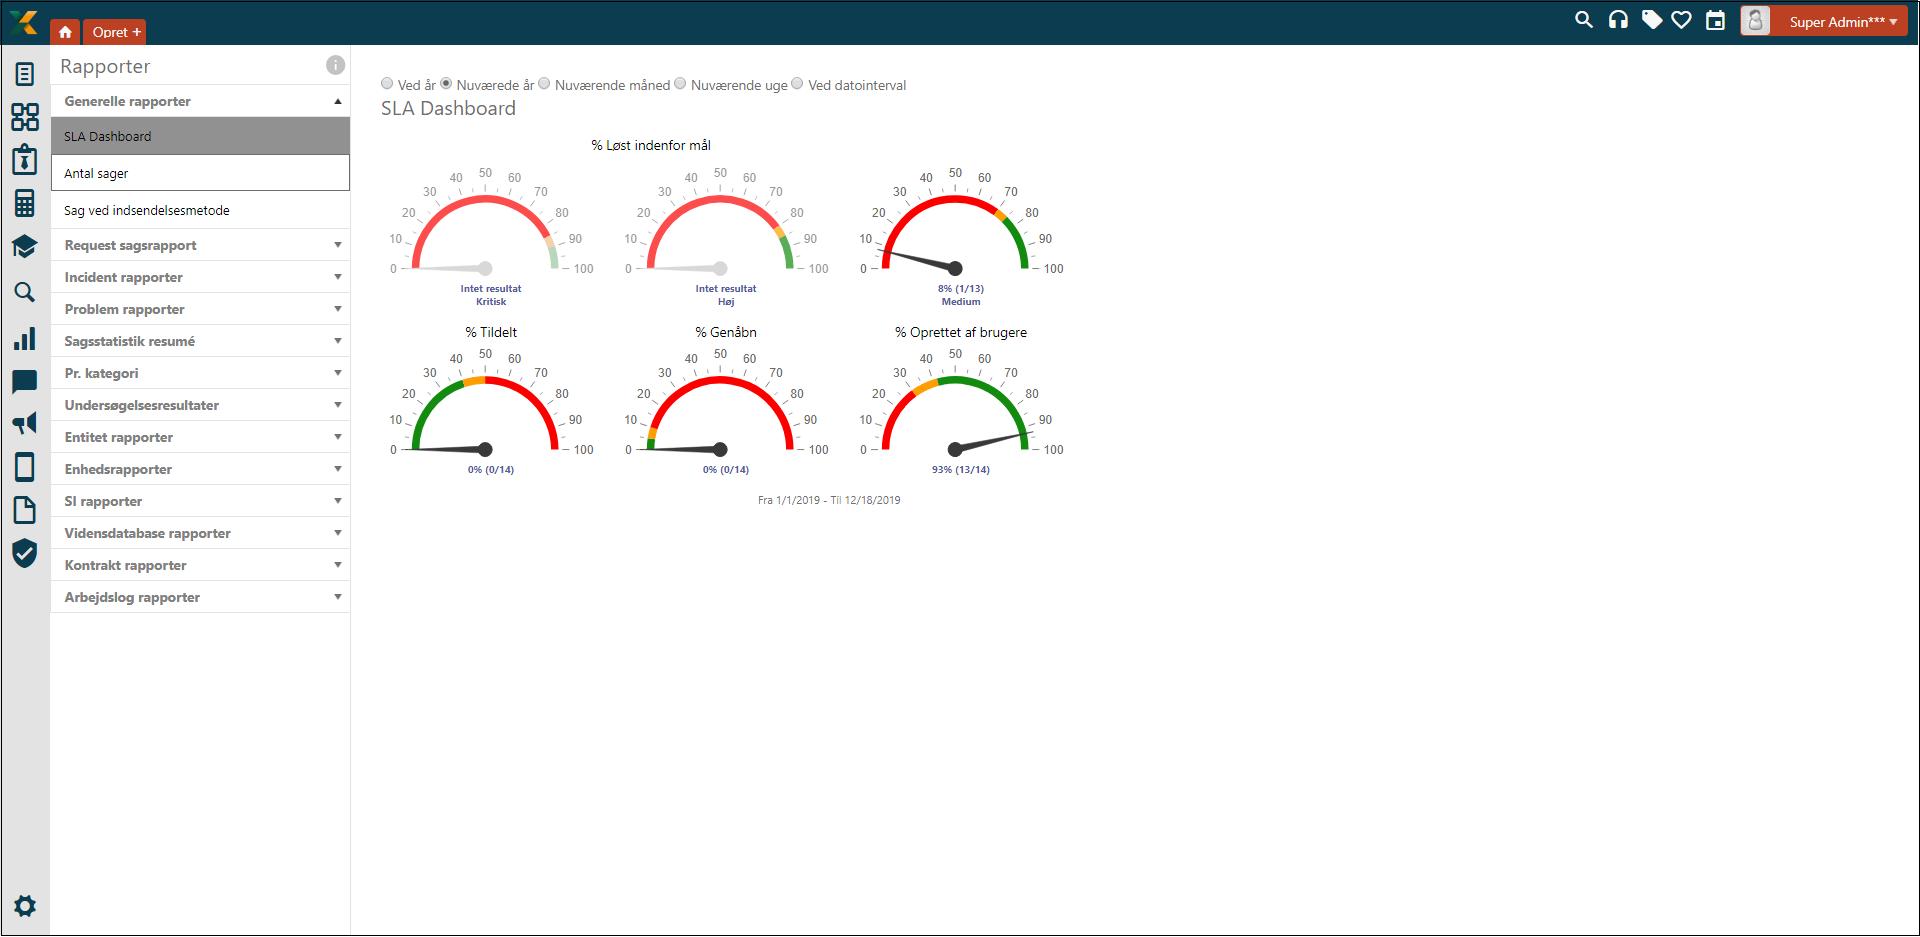 SLA dashboard screenshot